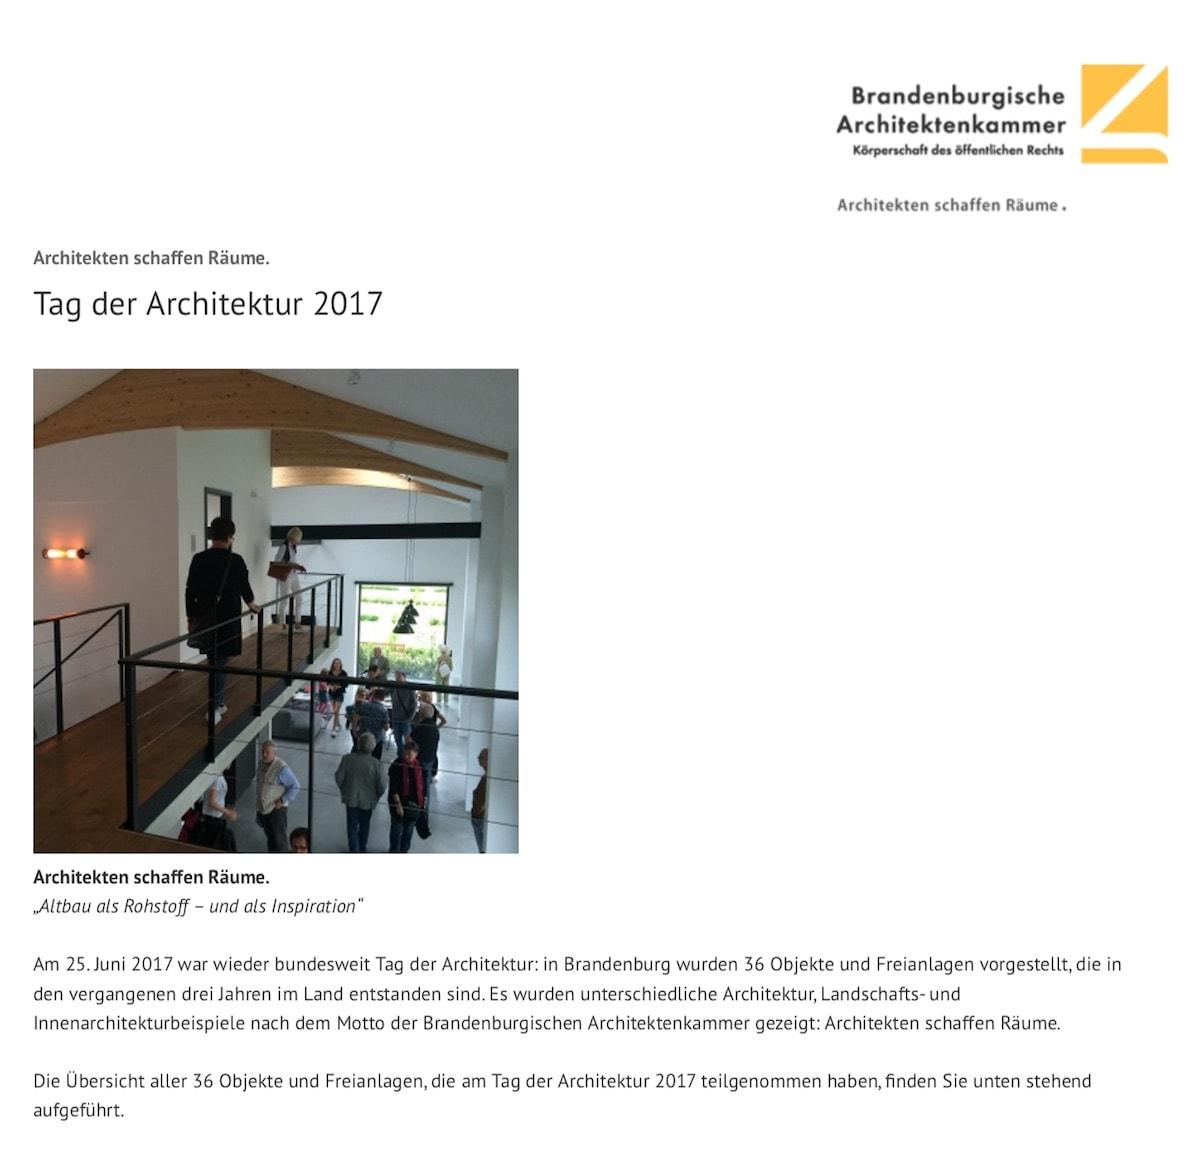 Architektenkammer Brandenburg - Tag der Architektur 2017